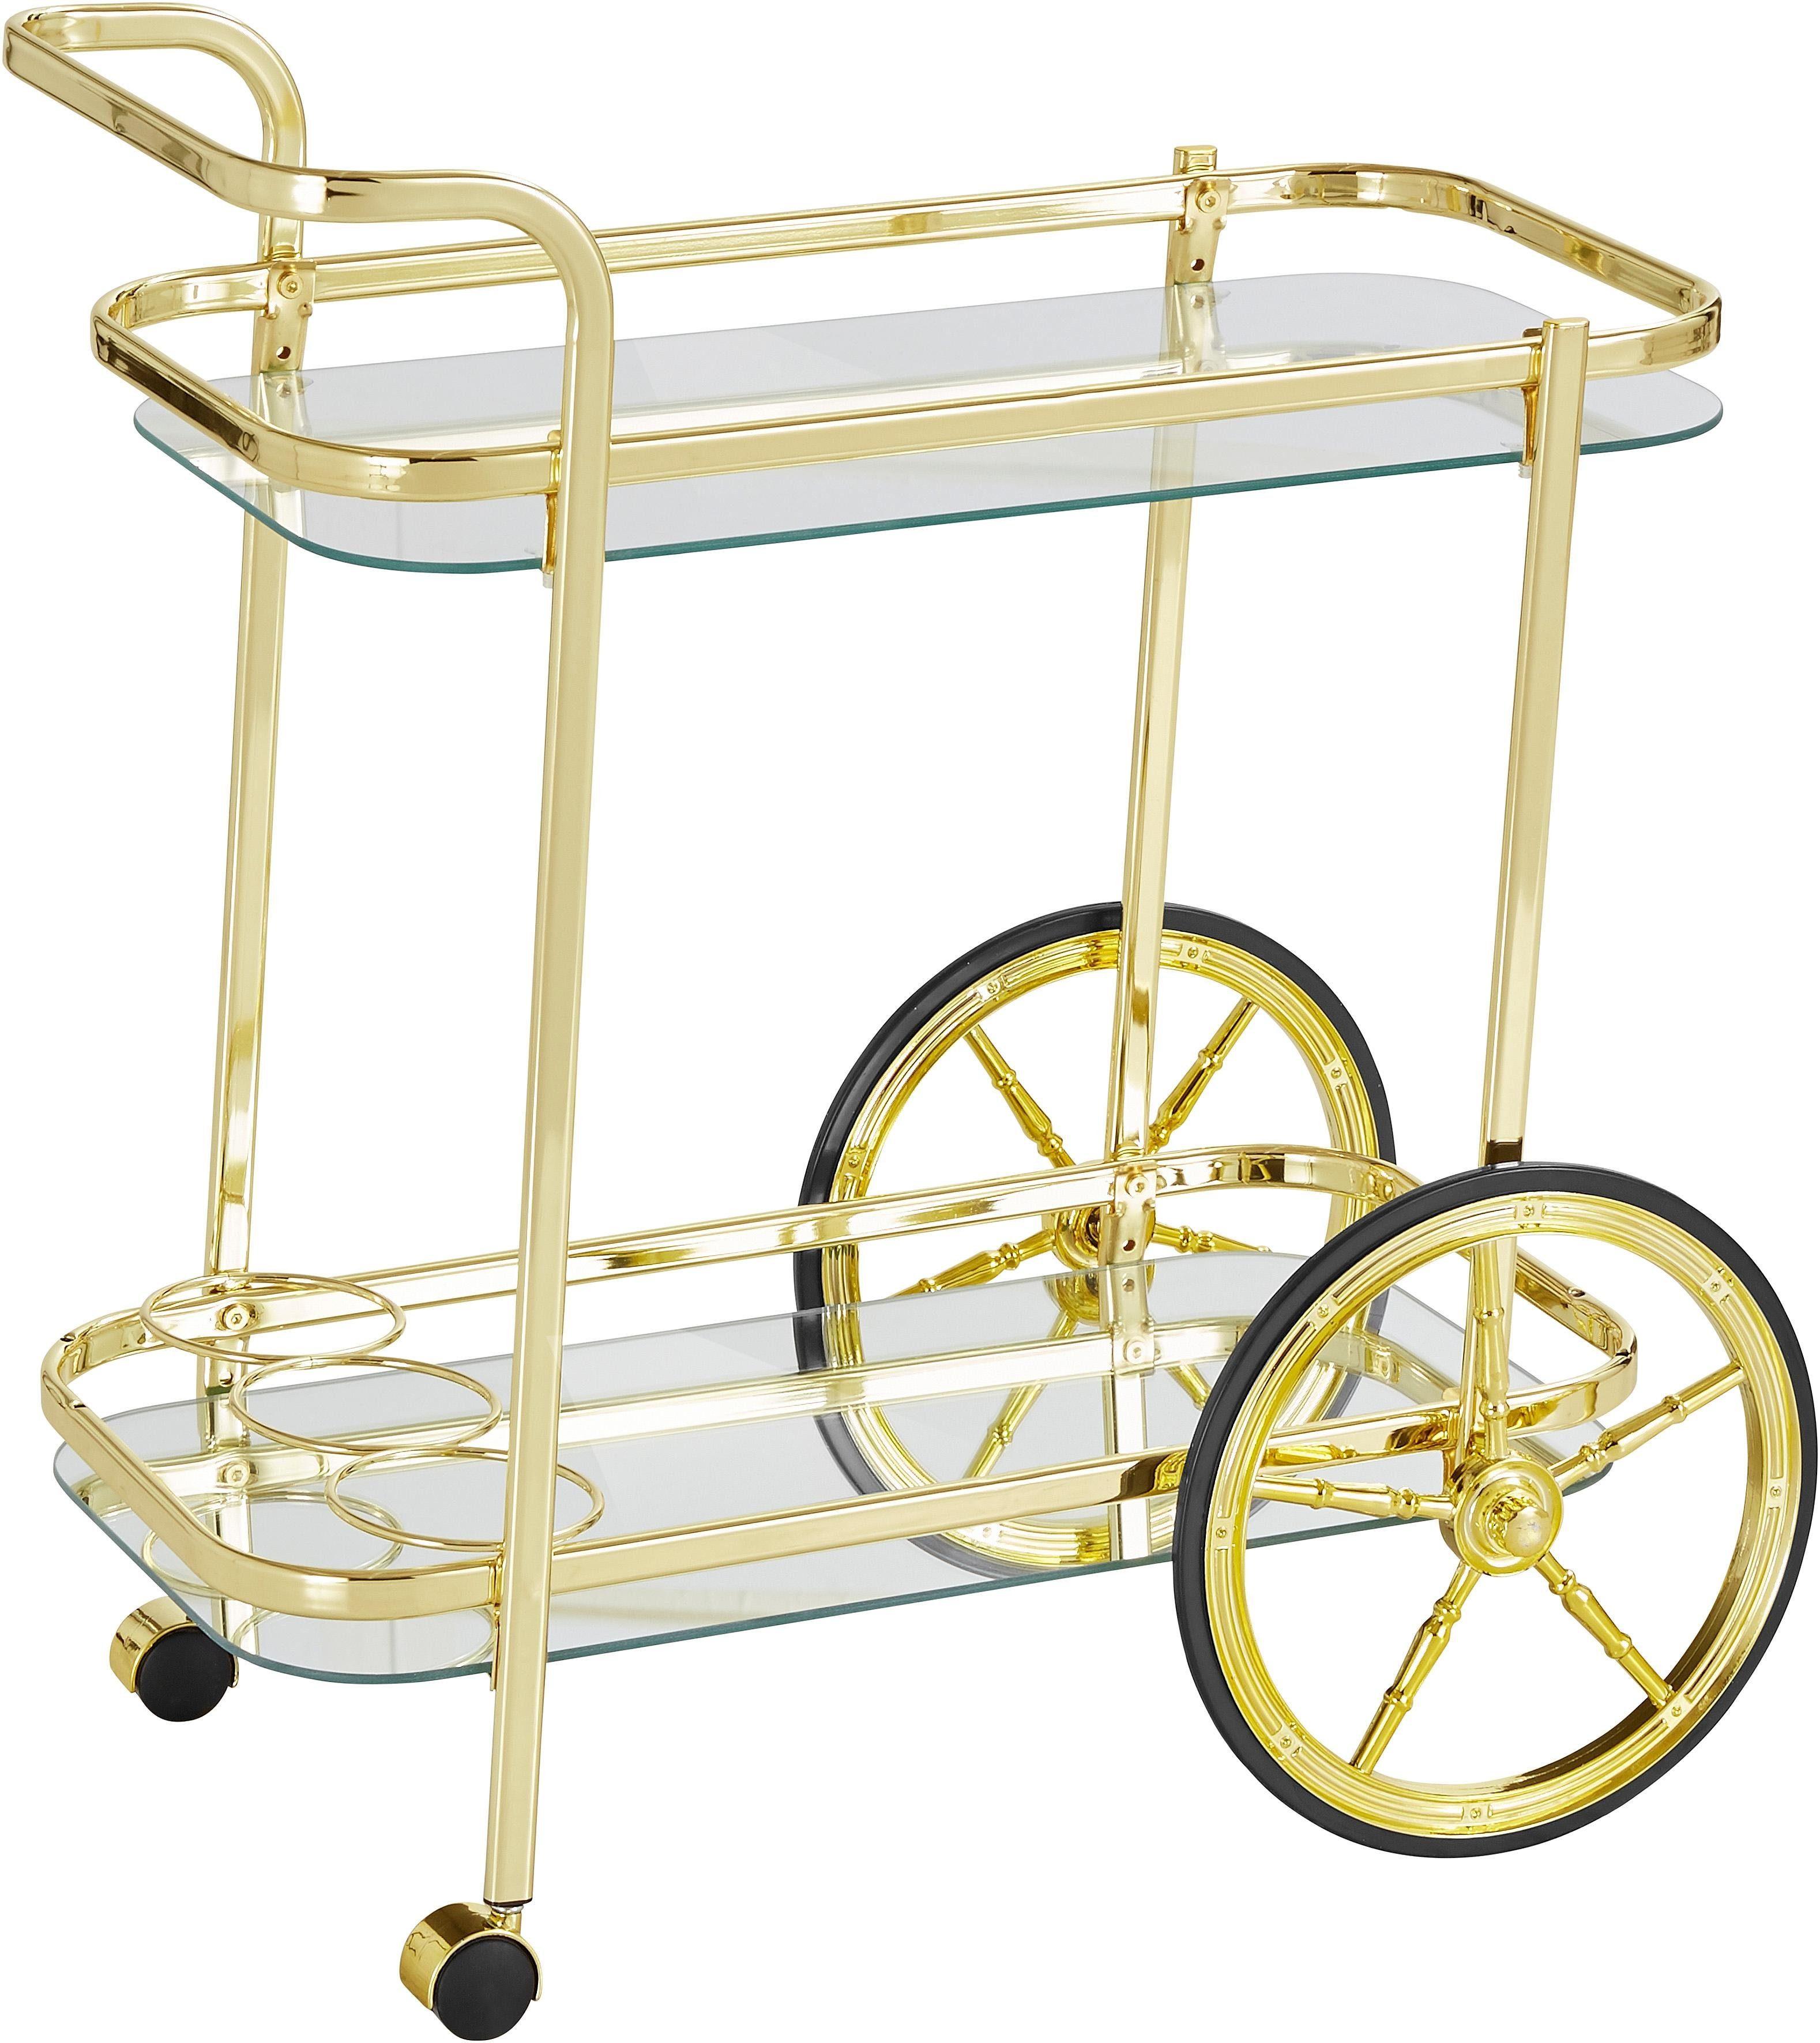 Home affaire Servierwagen aus Stahlrohr mit 2 Rädern und 2 Rollen